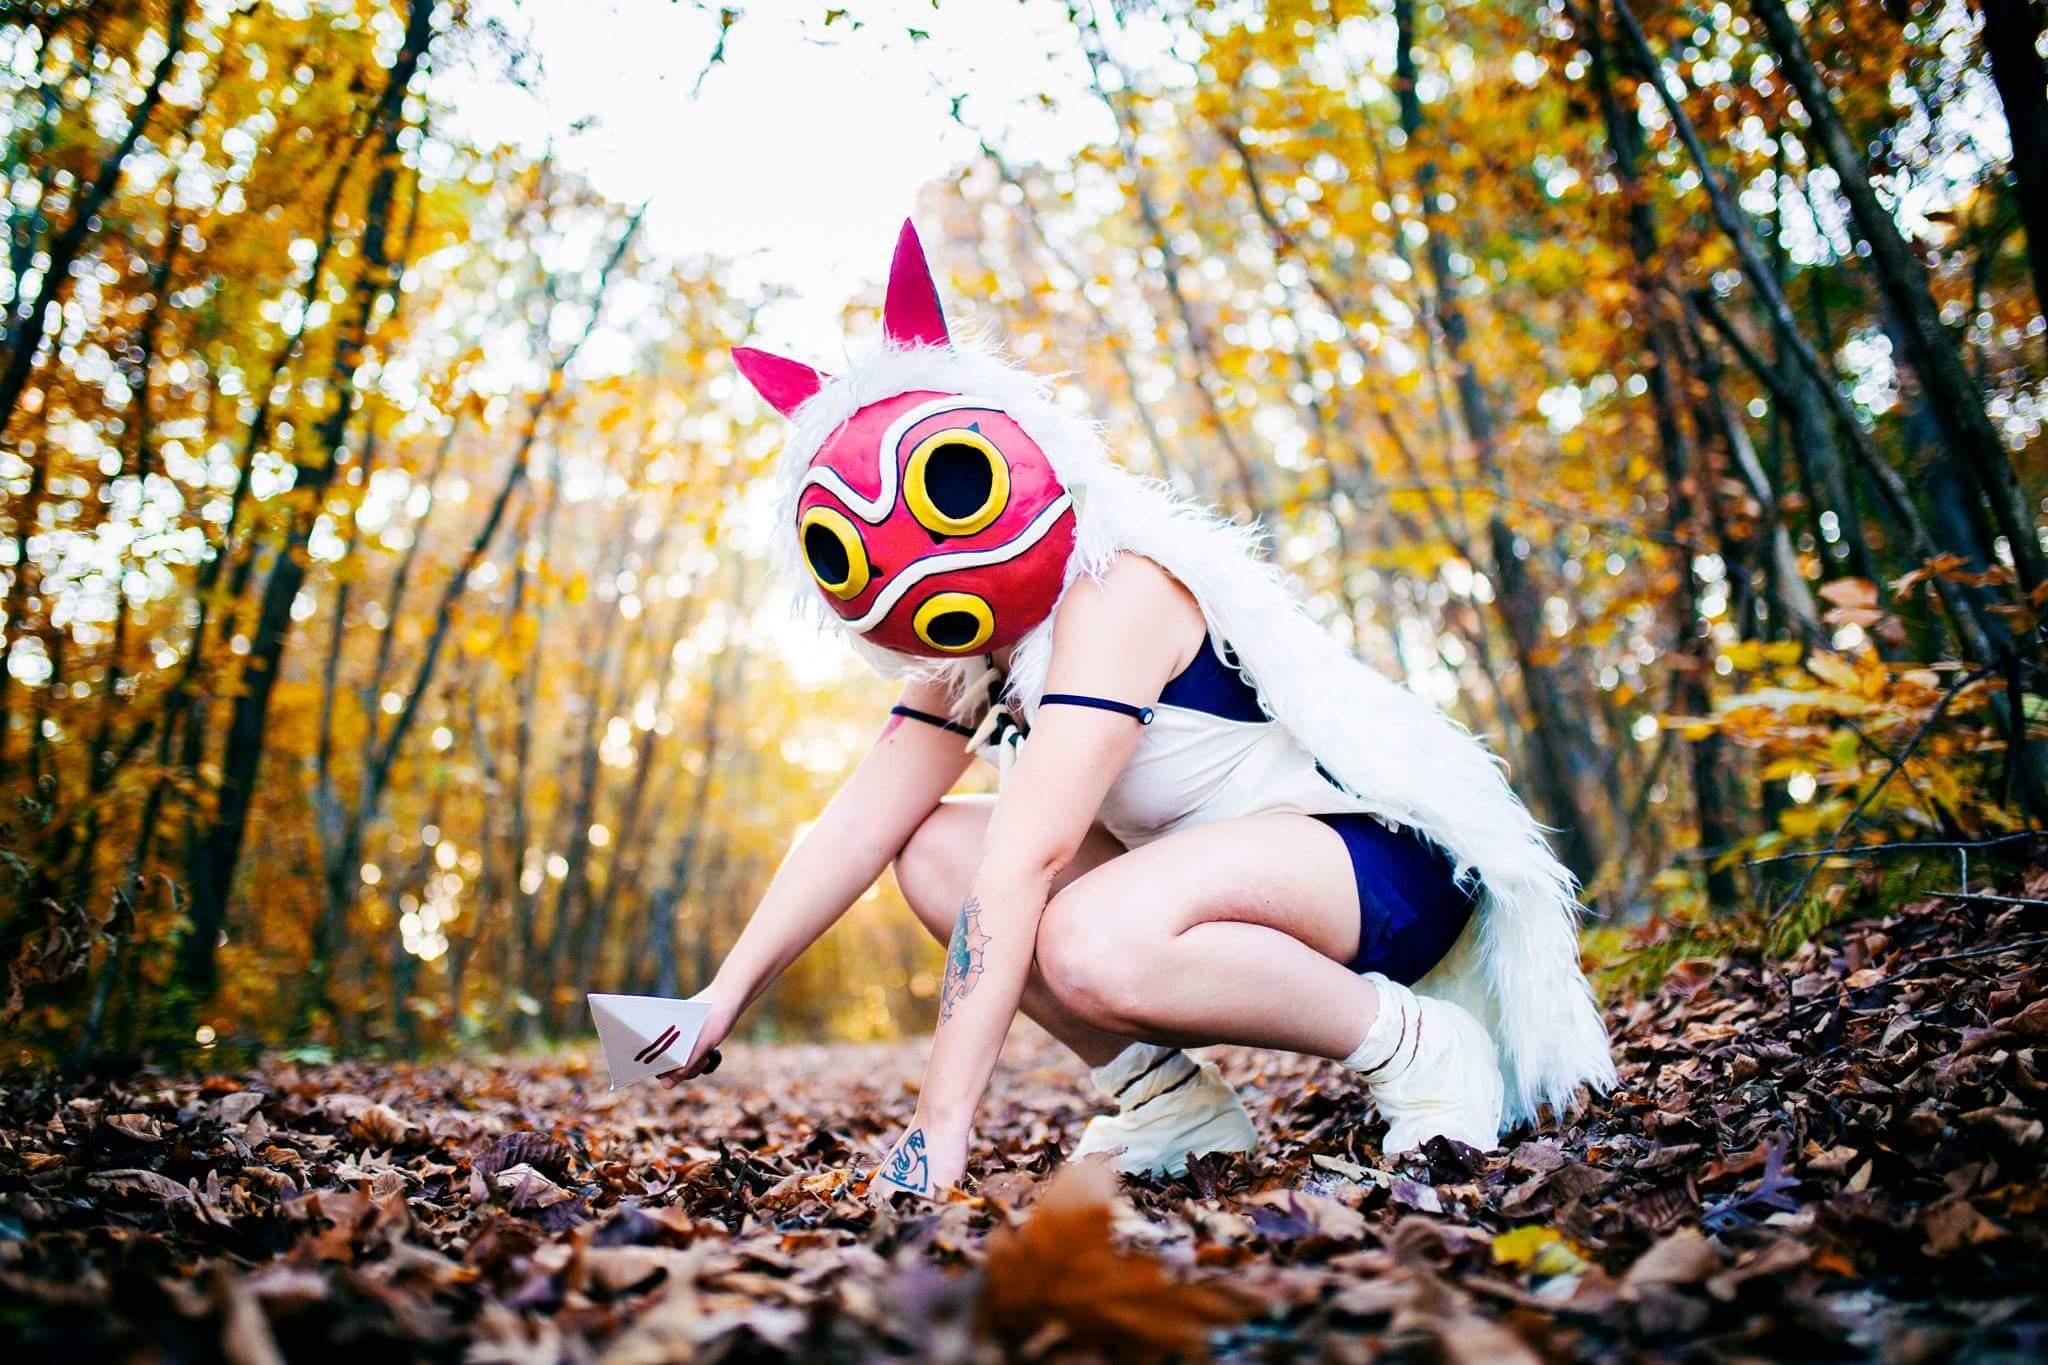 San: Princess Mononoke